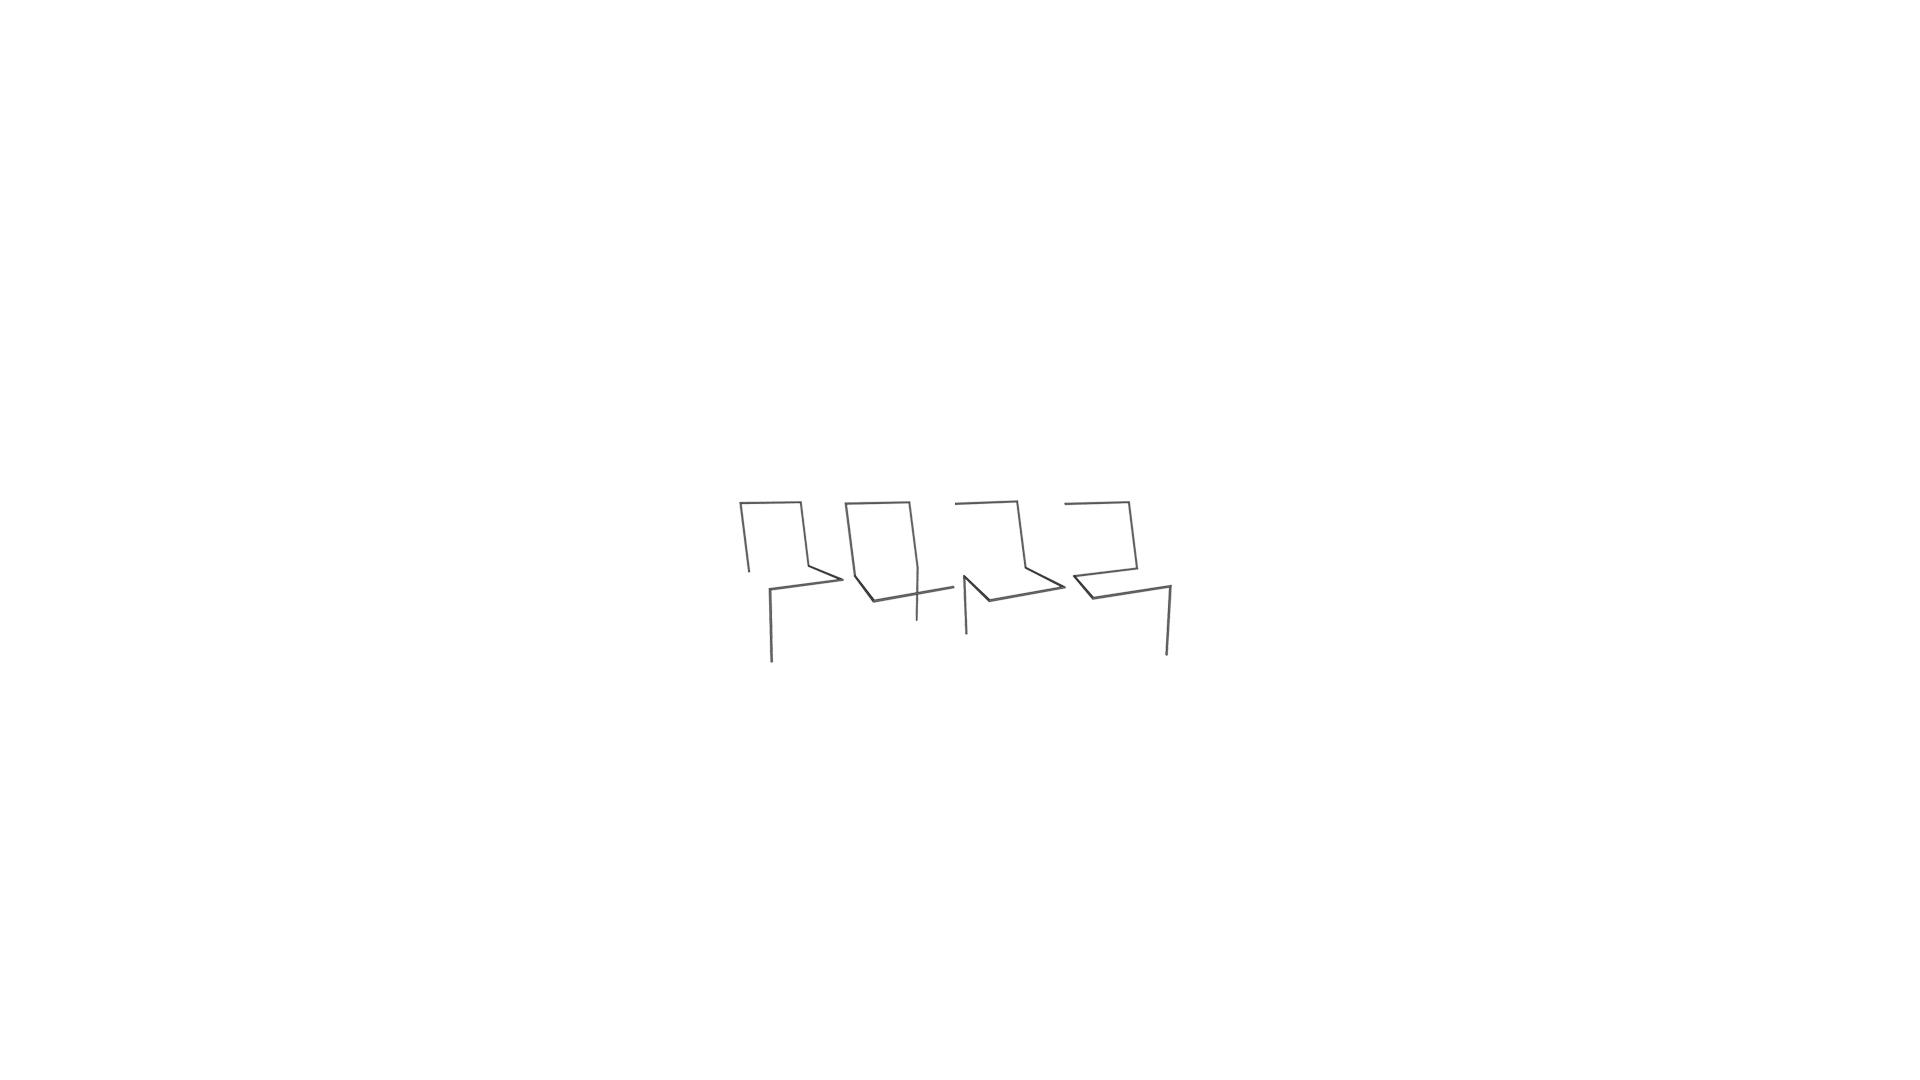 Sculpture extérieure de chaises design en acier, pour agrémenter l'espace. Sculptures de jardin, les quatre chaises s'intègrent à tout type d'environnement : environnement salin, etc. . À la ligne a pour but de dessiner l'essentiel en un trait. Ancrée dans le sol par l'un des quatre pieds, chaque chaise trace son propre caractère sur l'horizon. . à la ligne est une sculpture en acier, création design de Claude Robin. Editée en série limitée, cette sculpture d'extérieur composée de 4 chaises est de fabrication française, fabriquée à Lorgues, Provence, PACA.